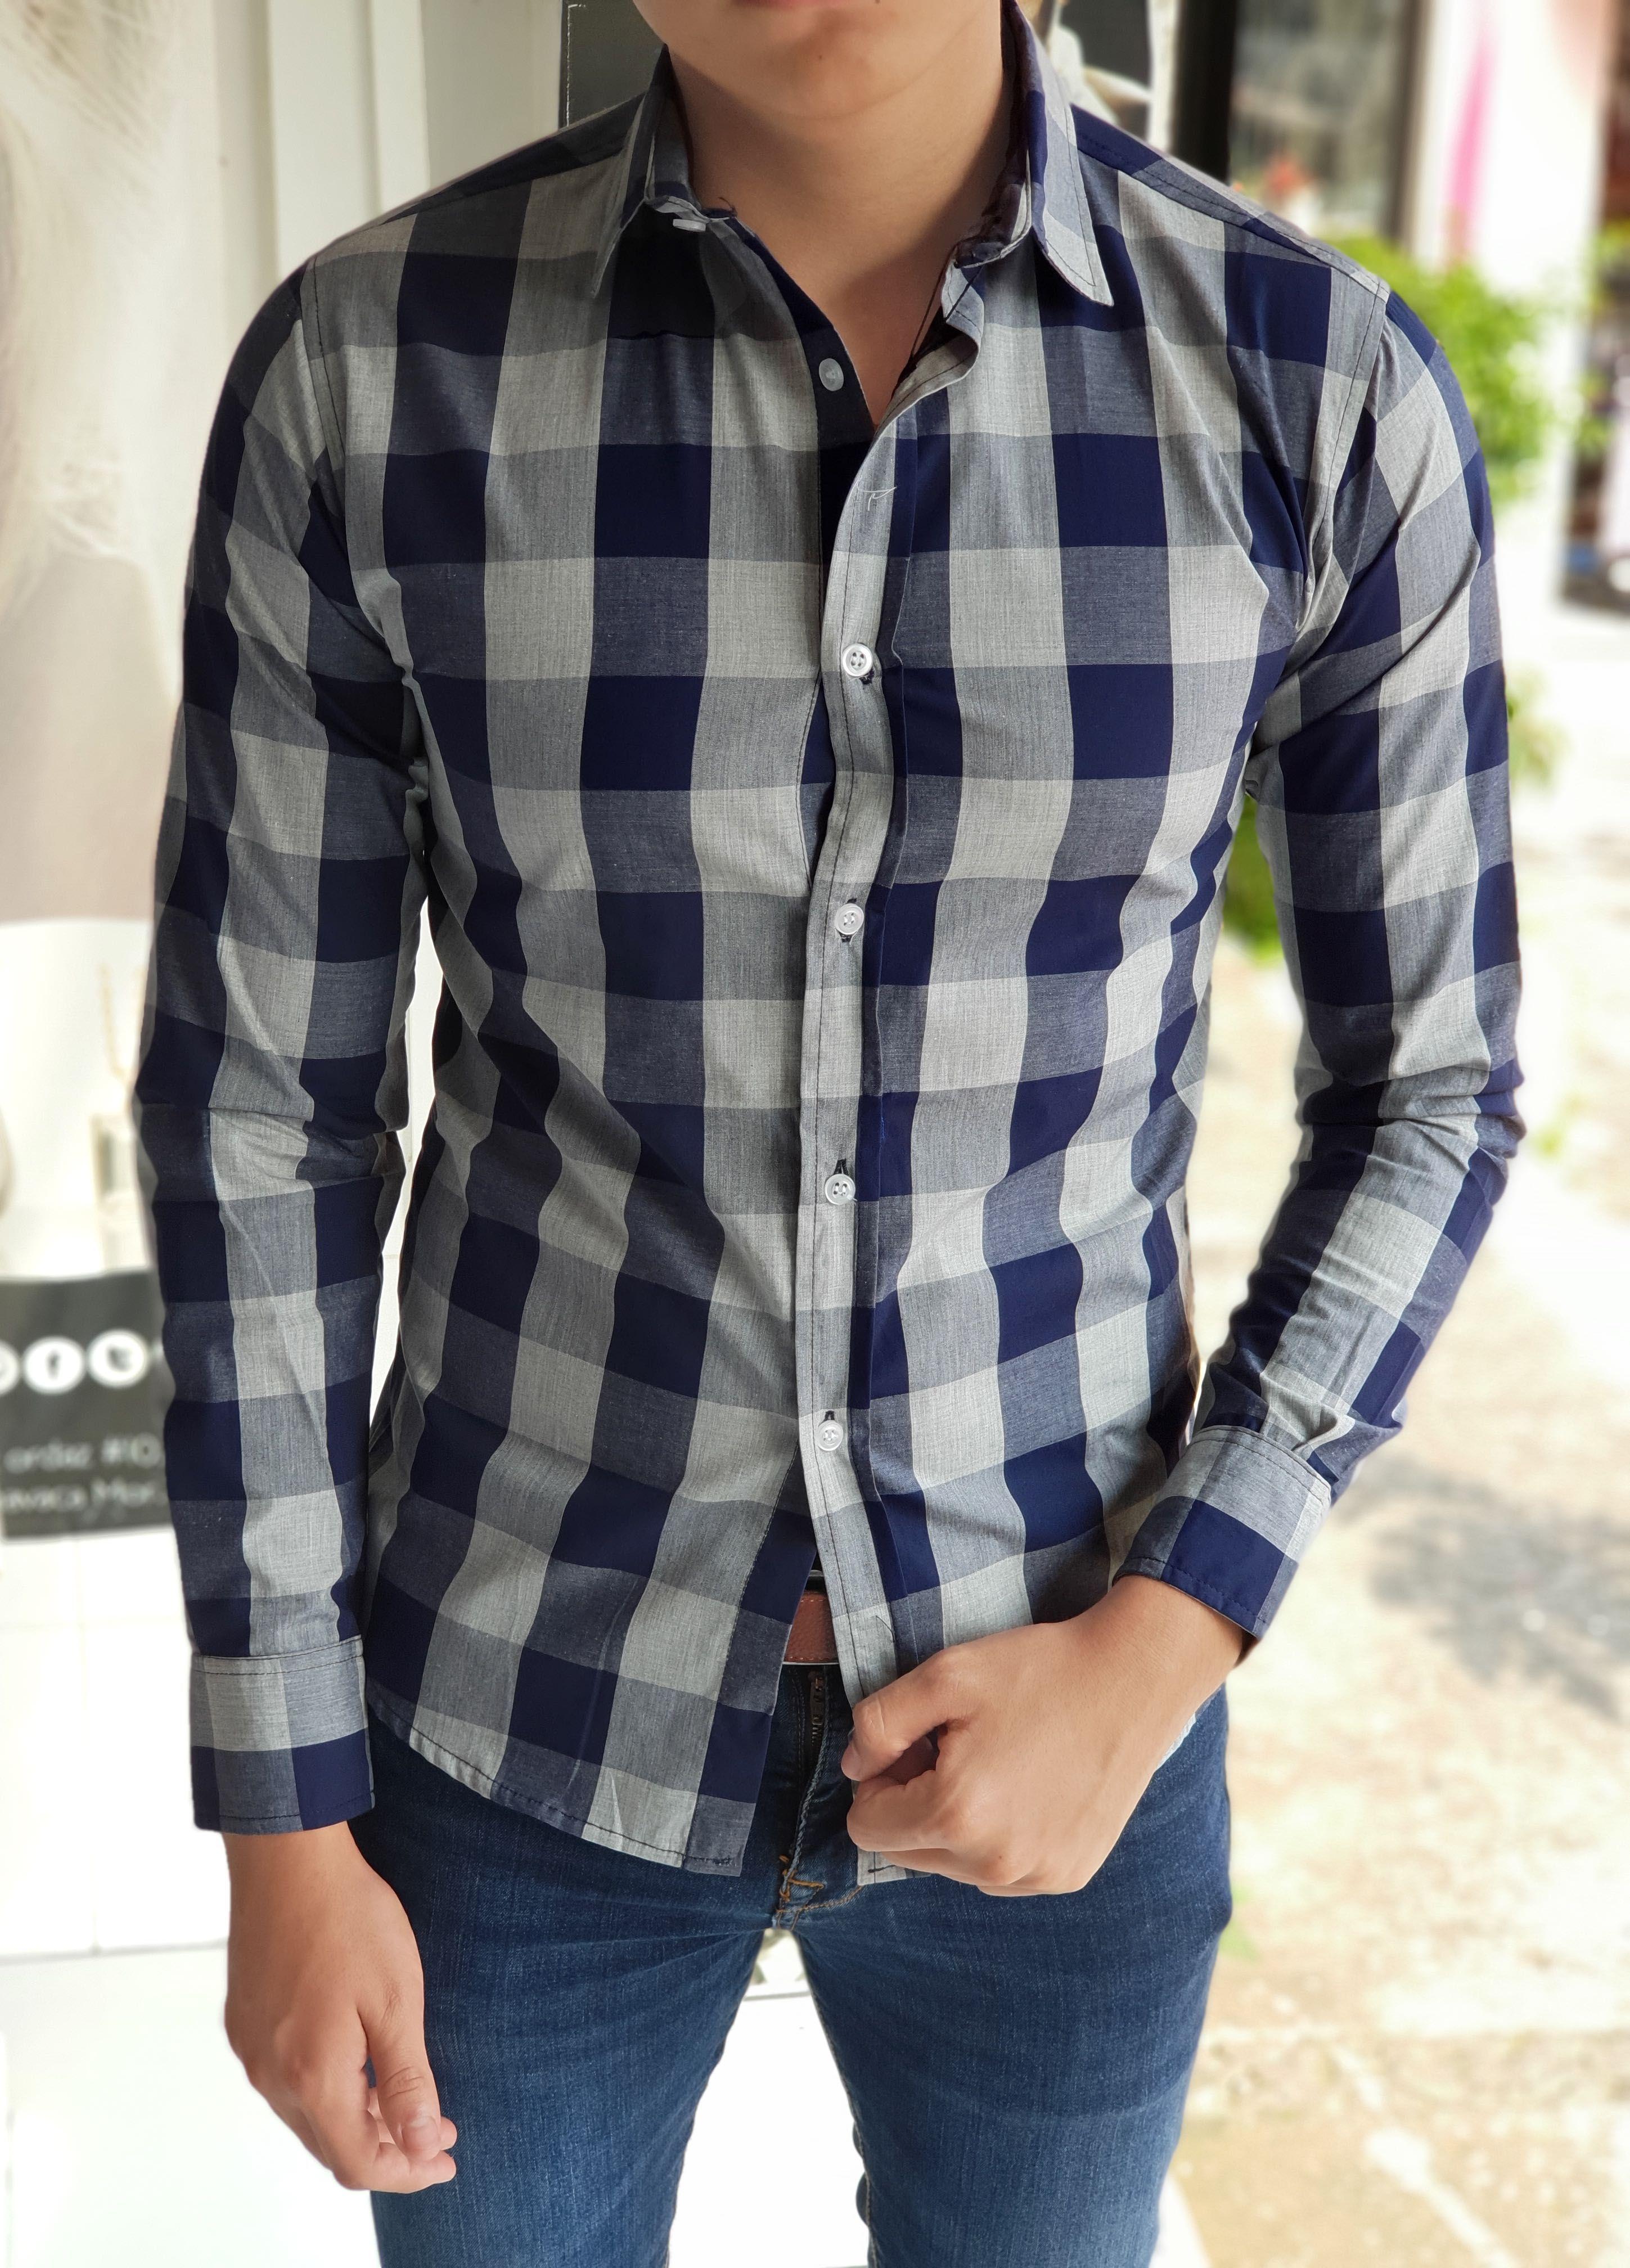 Outfit para hombre  camisa de cuadros marino y gris en manga larga y jeans  de mezclilla  edbf5821dda84